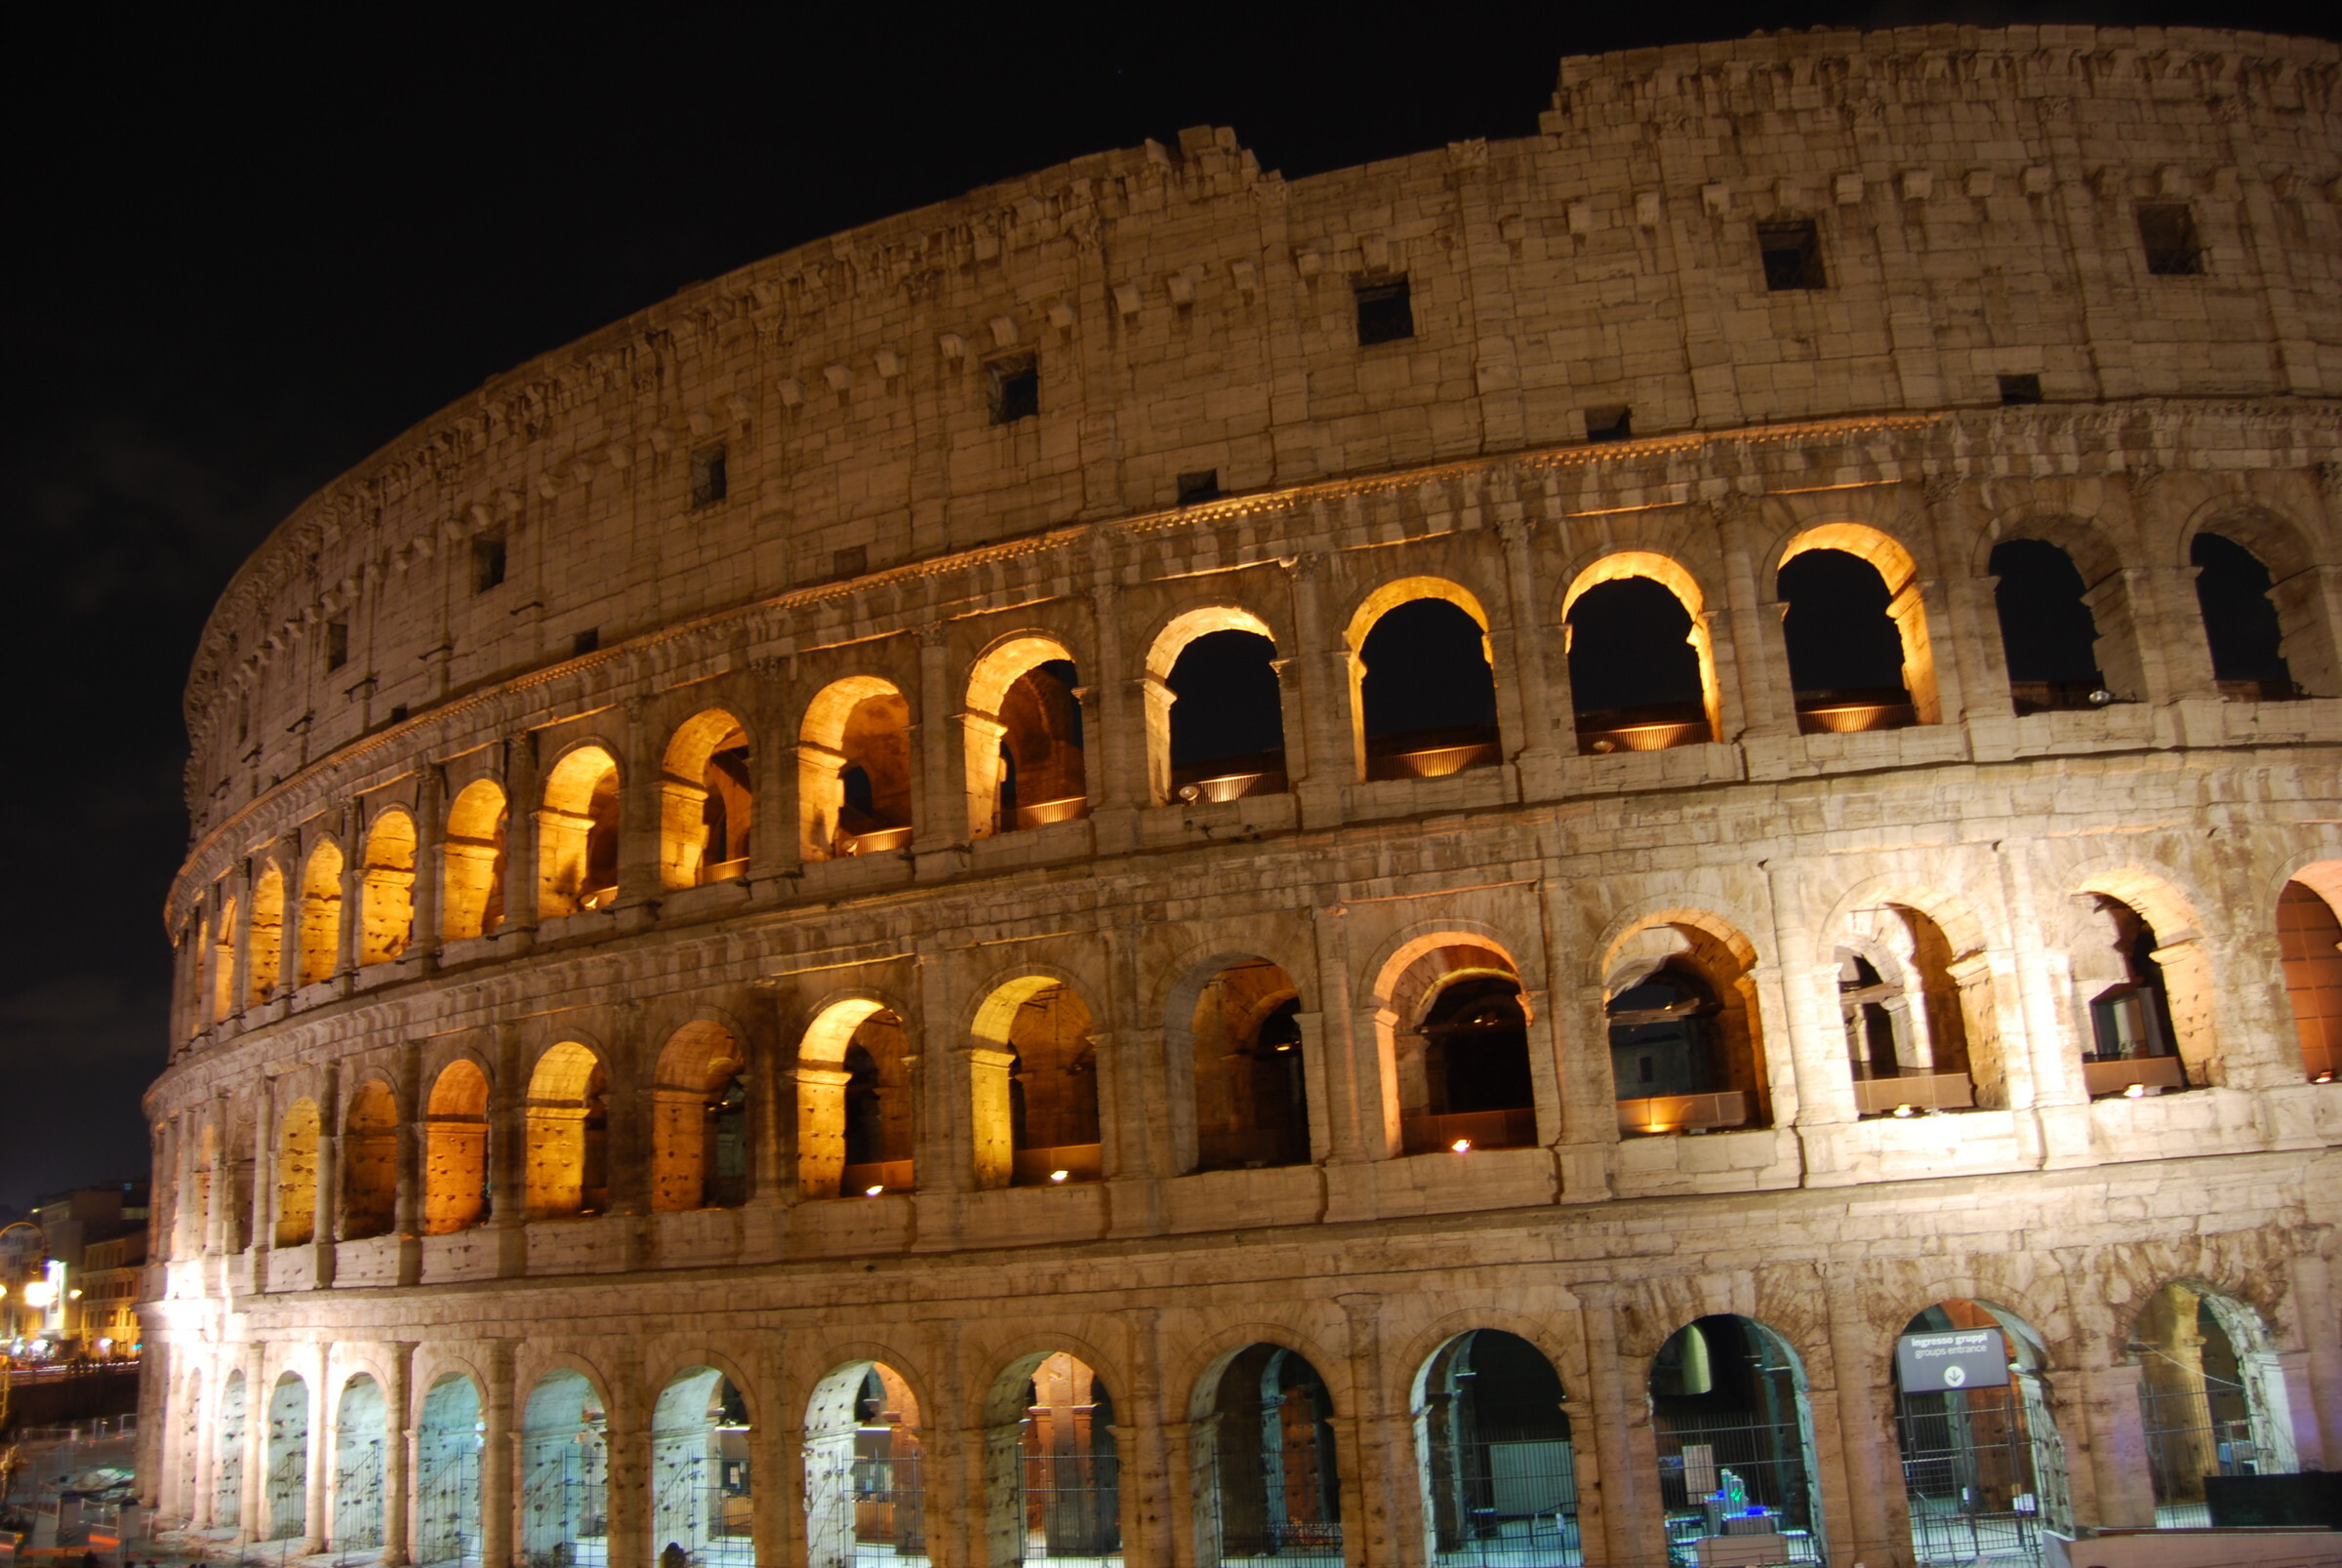 Италия за 6 дней (Флоренция, Пиза, Рим)